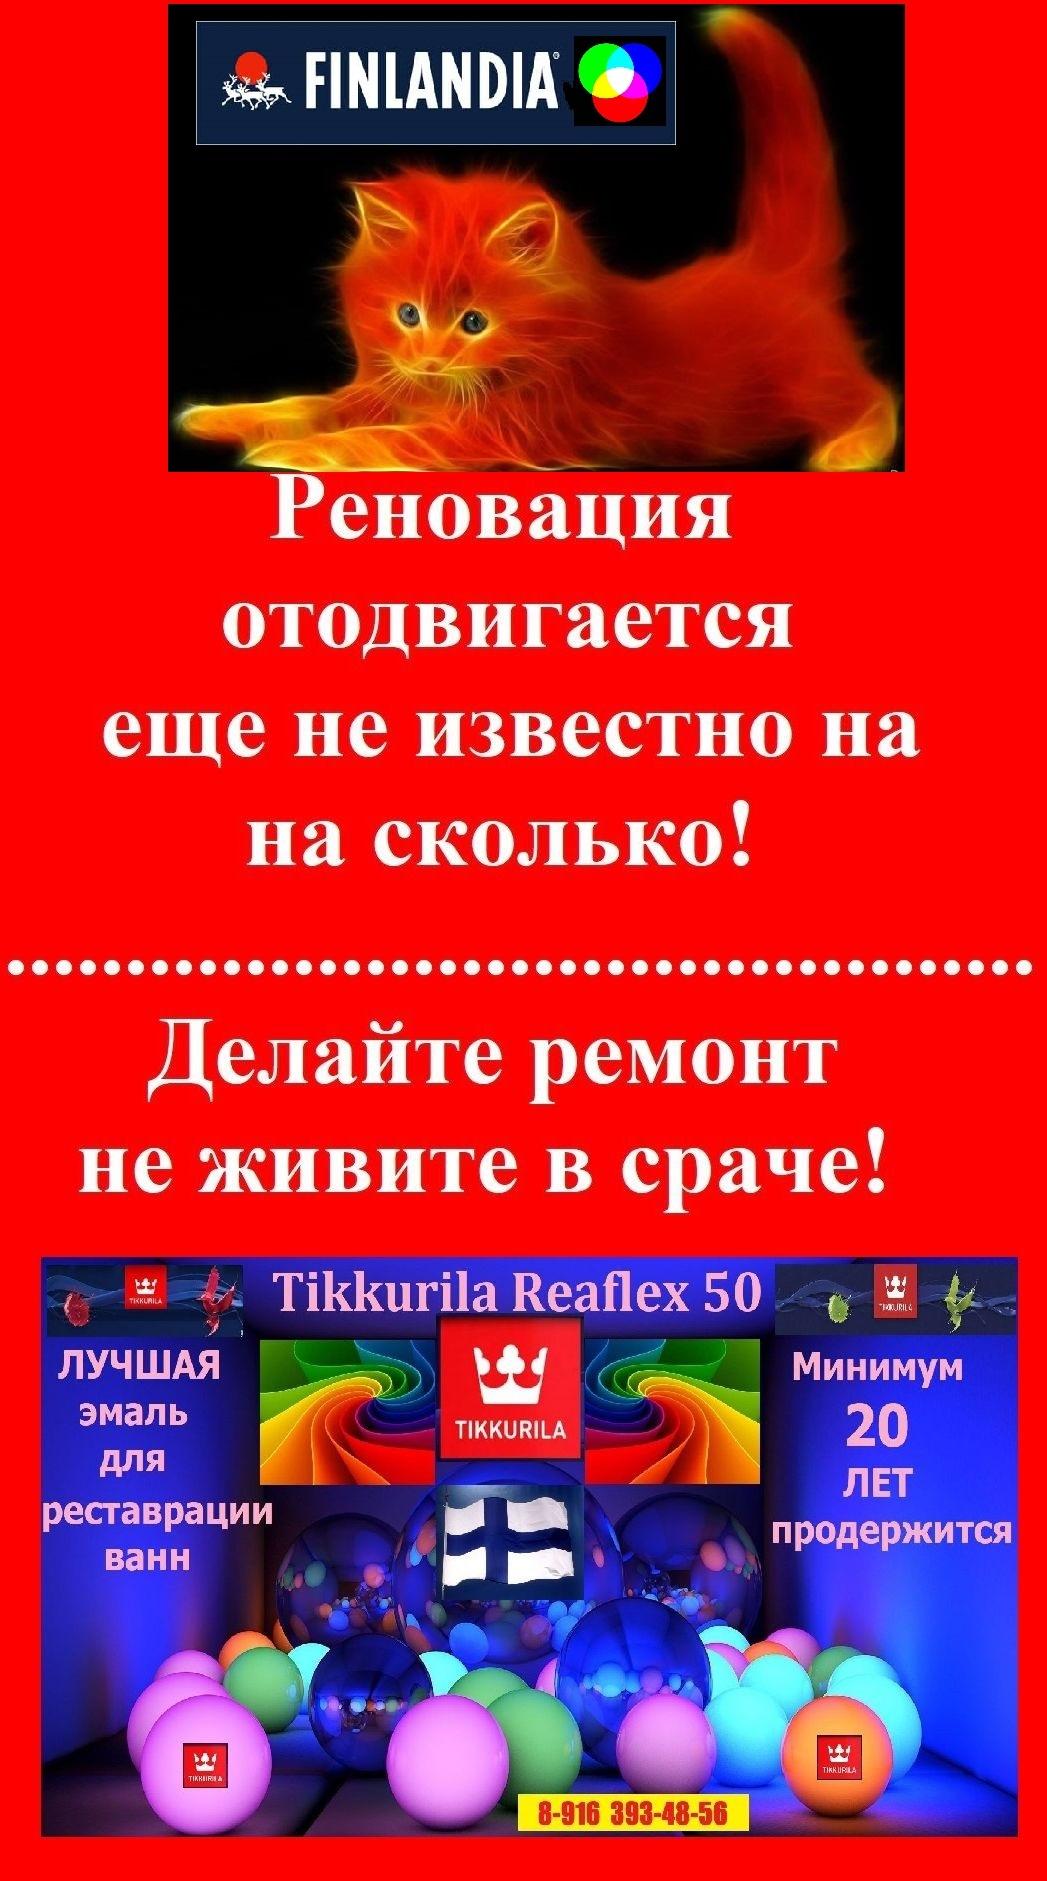 8-916 393-48-56 SUPER- Эмалировка,  реставрация ванн Москва, Подмосковье. Наливная ванна, акриловая вставка, вкладыш - Страница 6 H-344